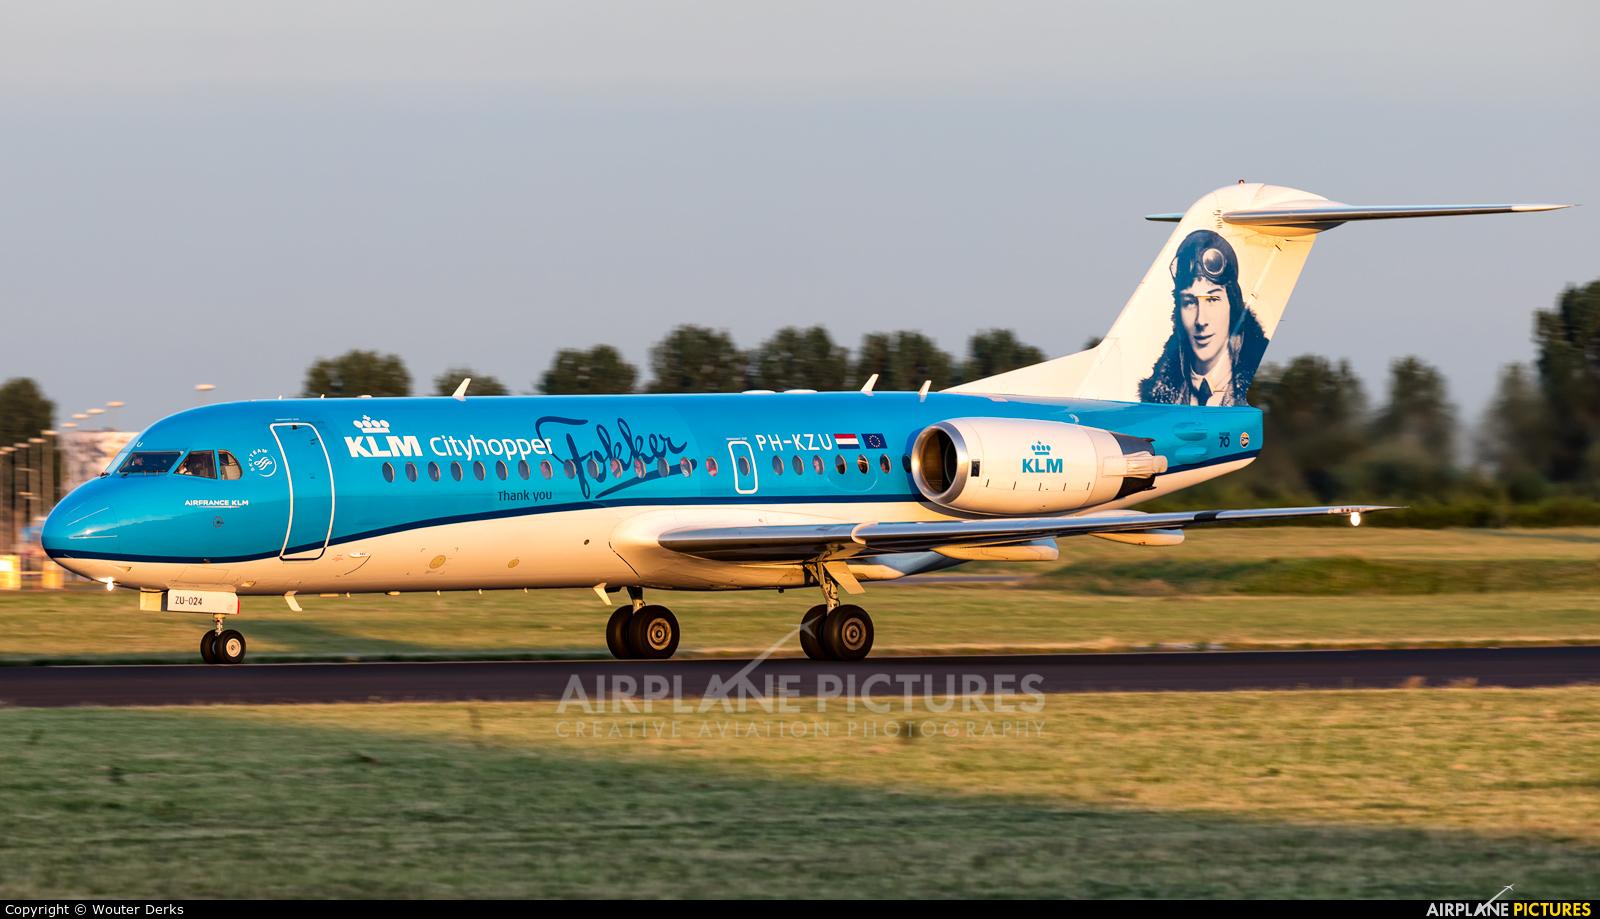 KLM Cityhopper PH-KZU aircraft at Amsterdam - Schiphol